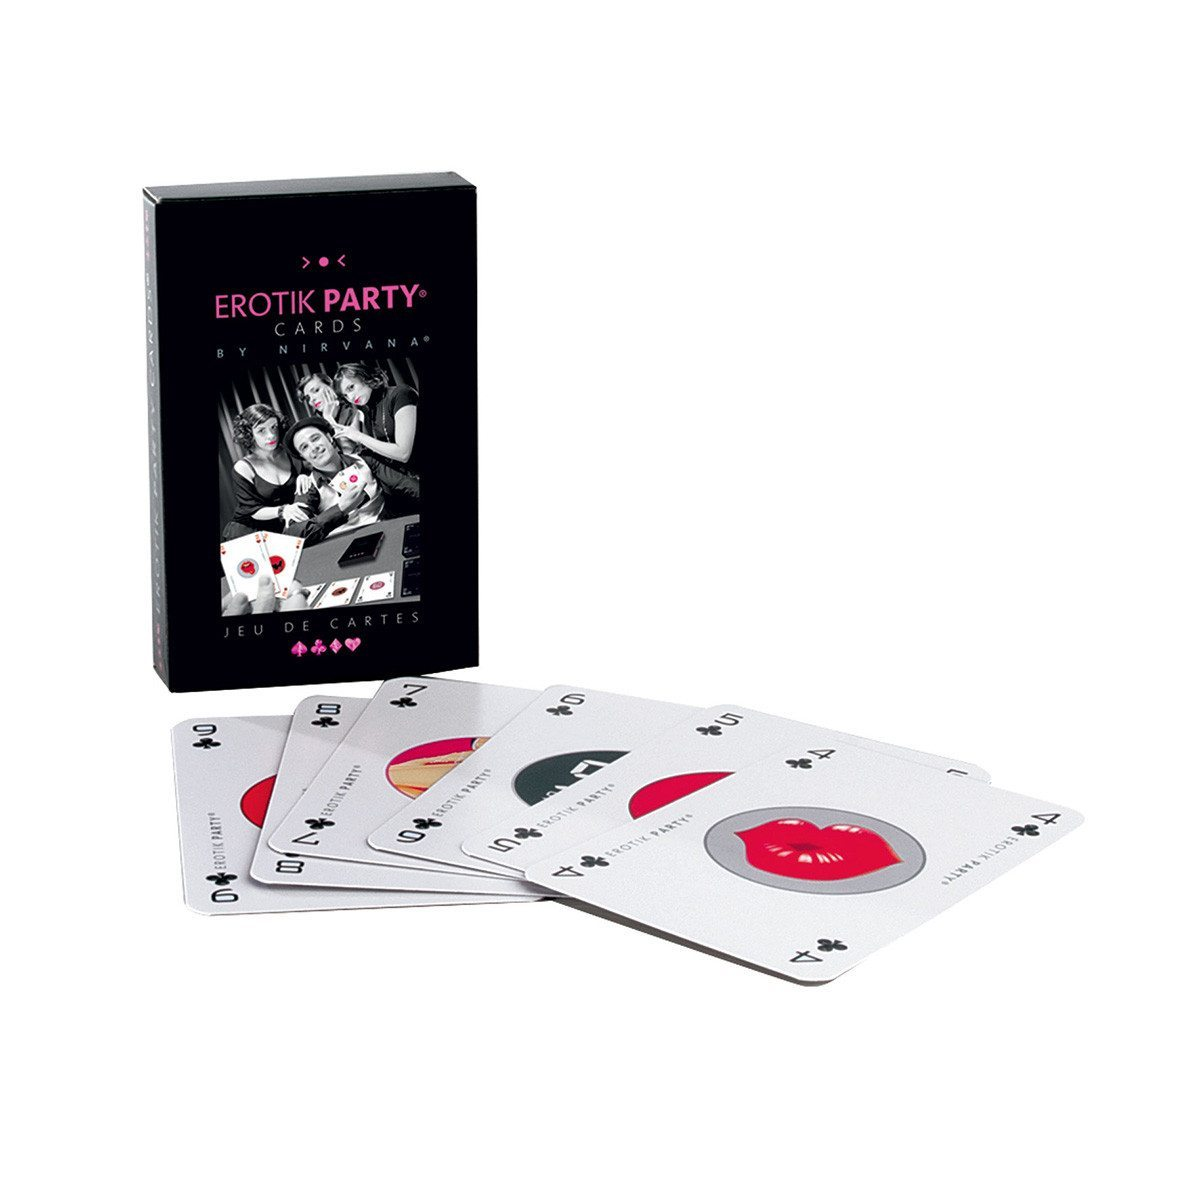 Erotisches Kartenspiel von Nirvana